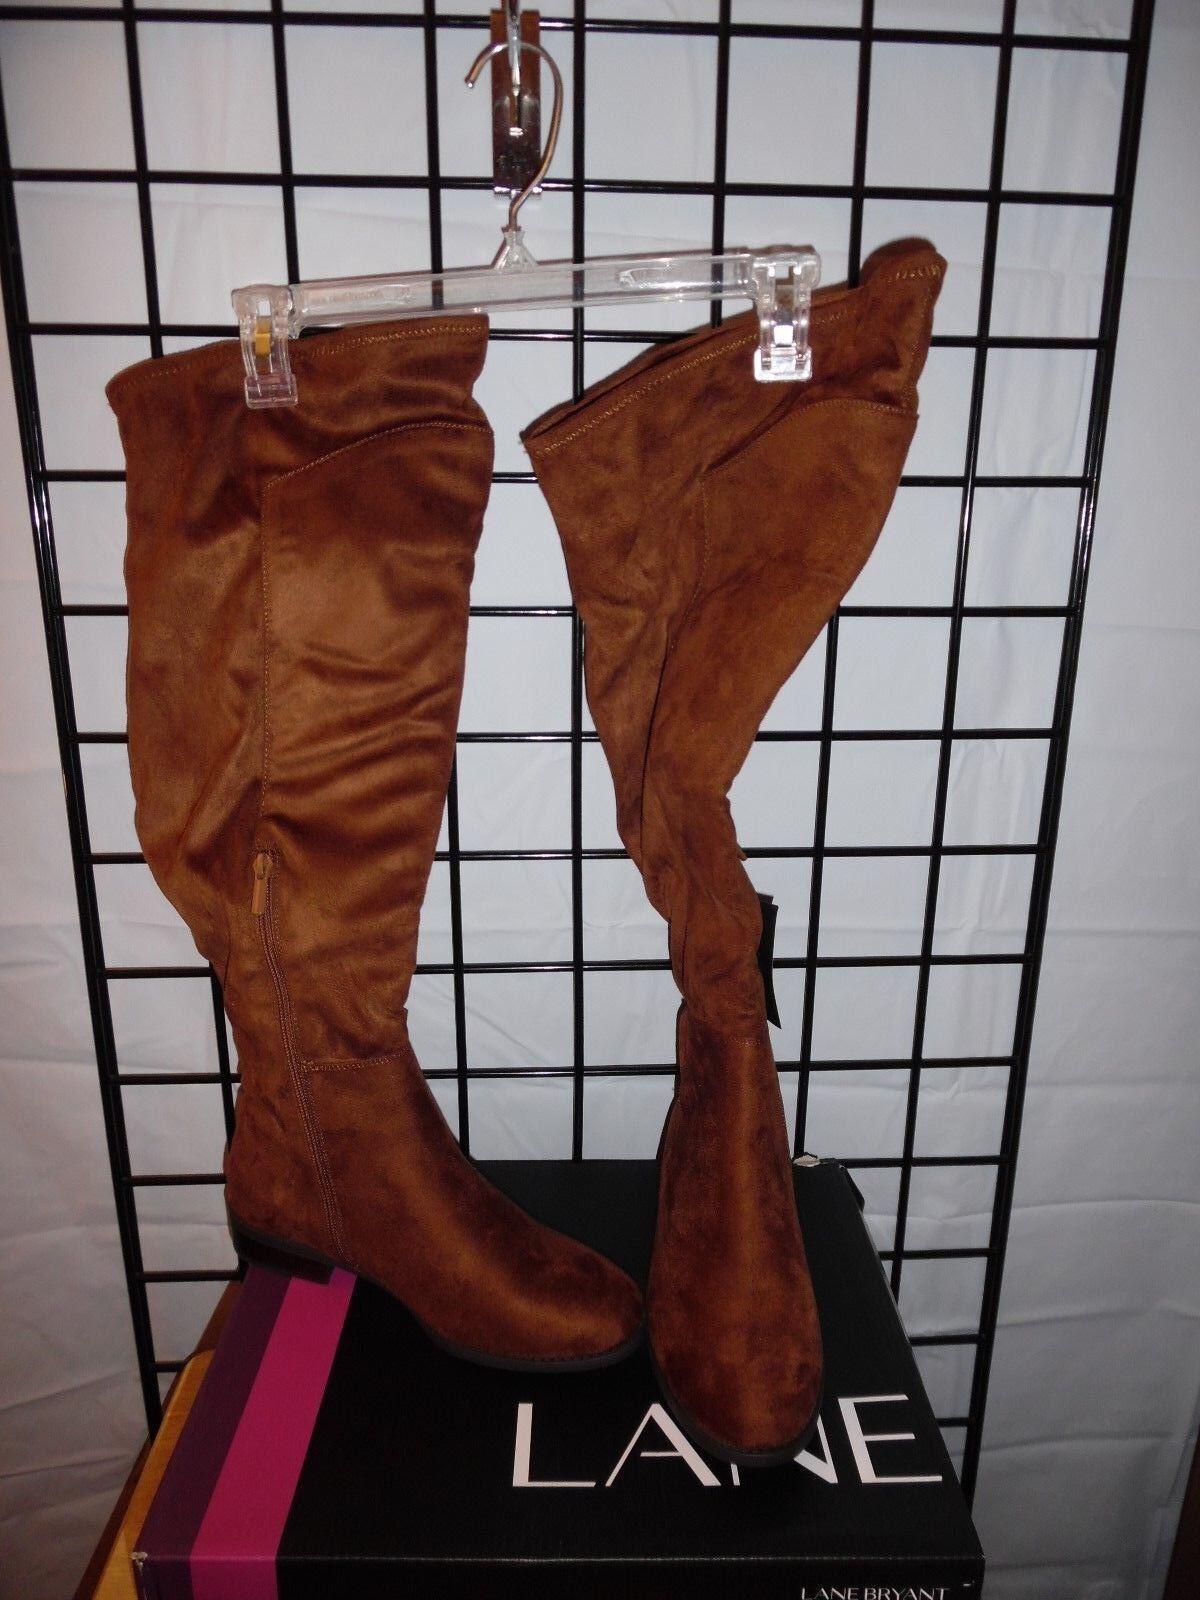 lane bryant women long brown boots size 7W